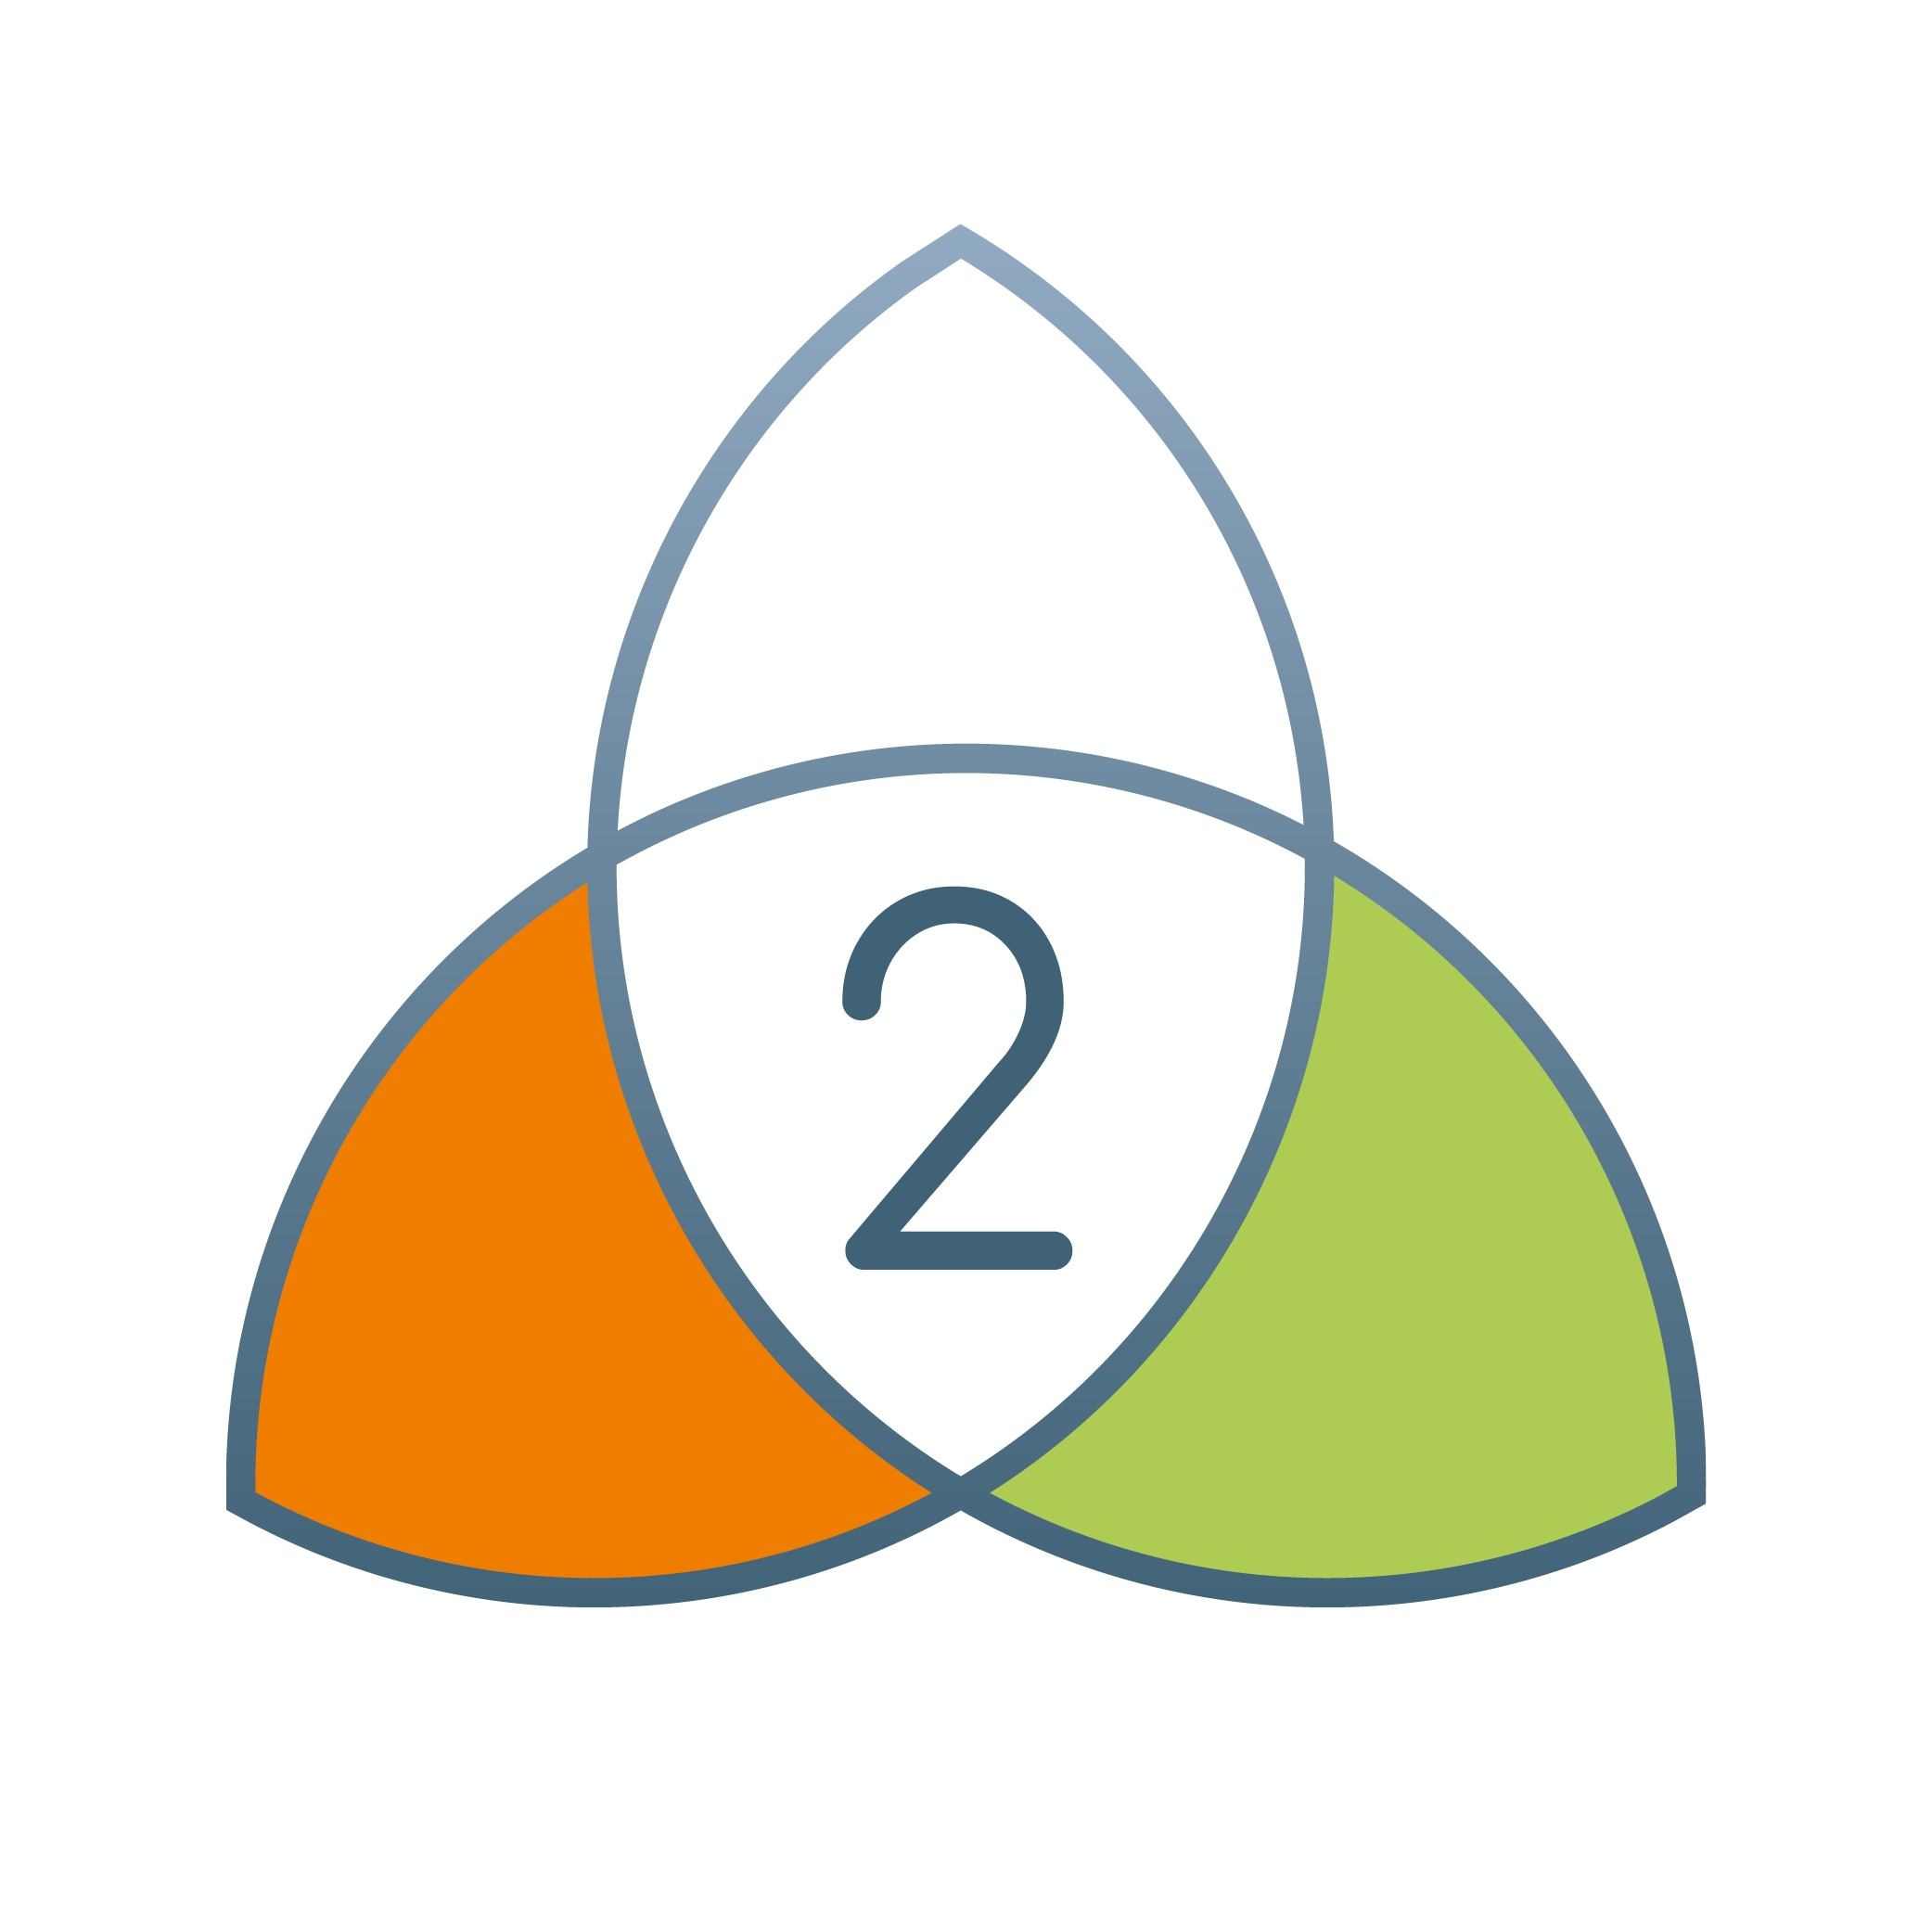 Symbol Abschnitt 2